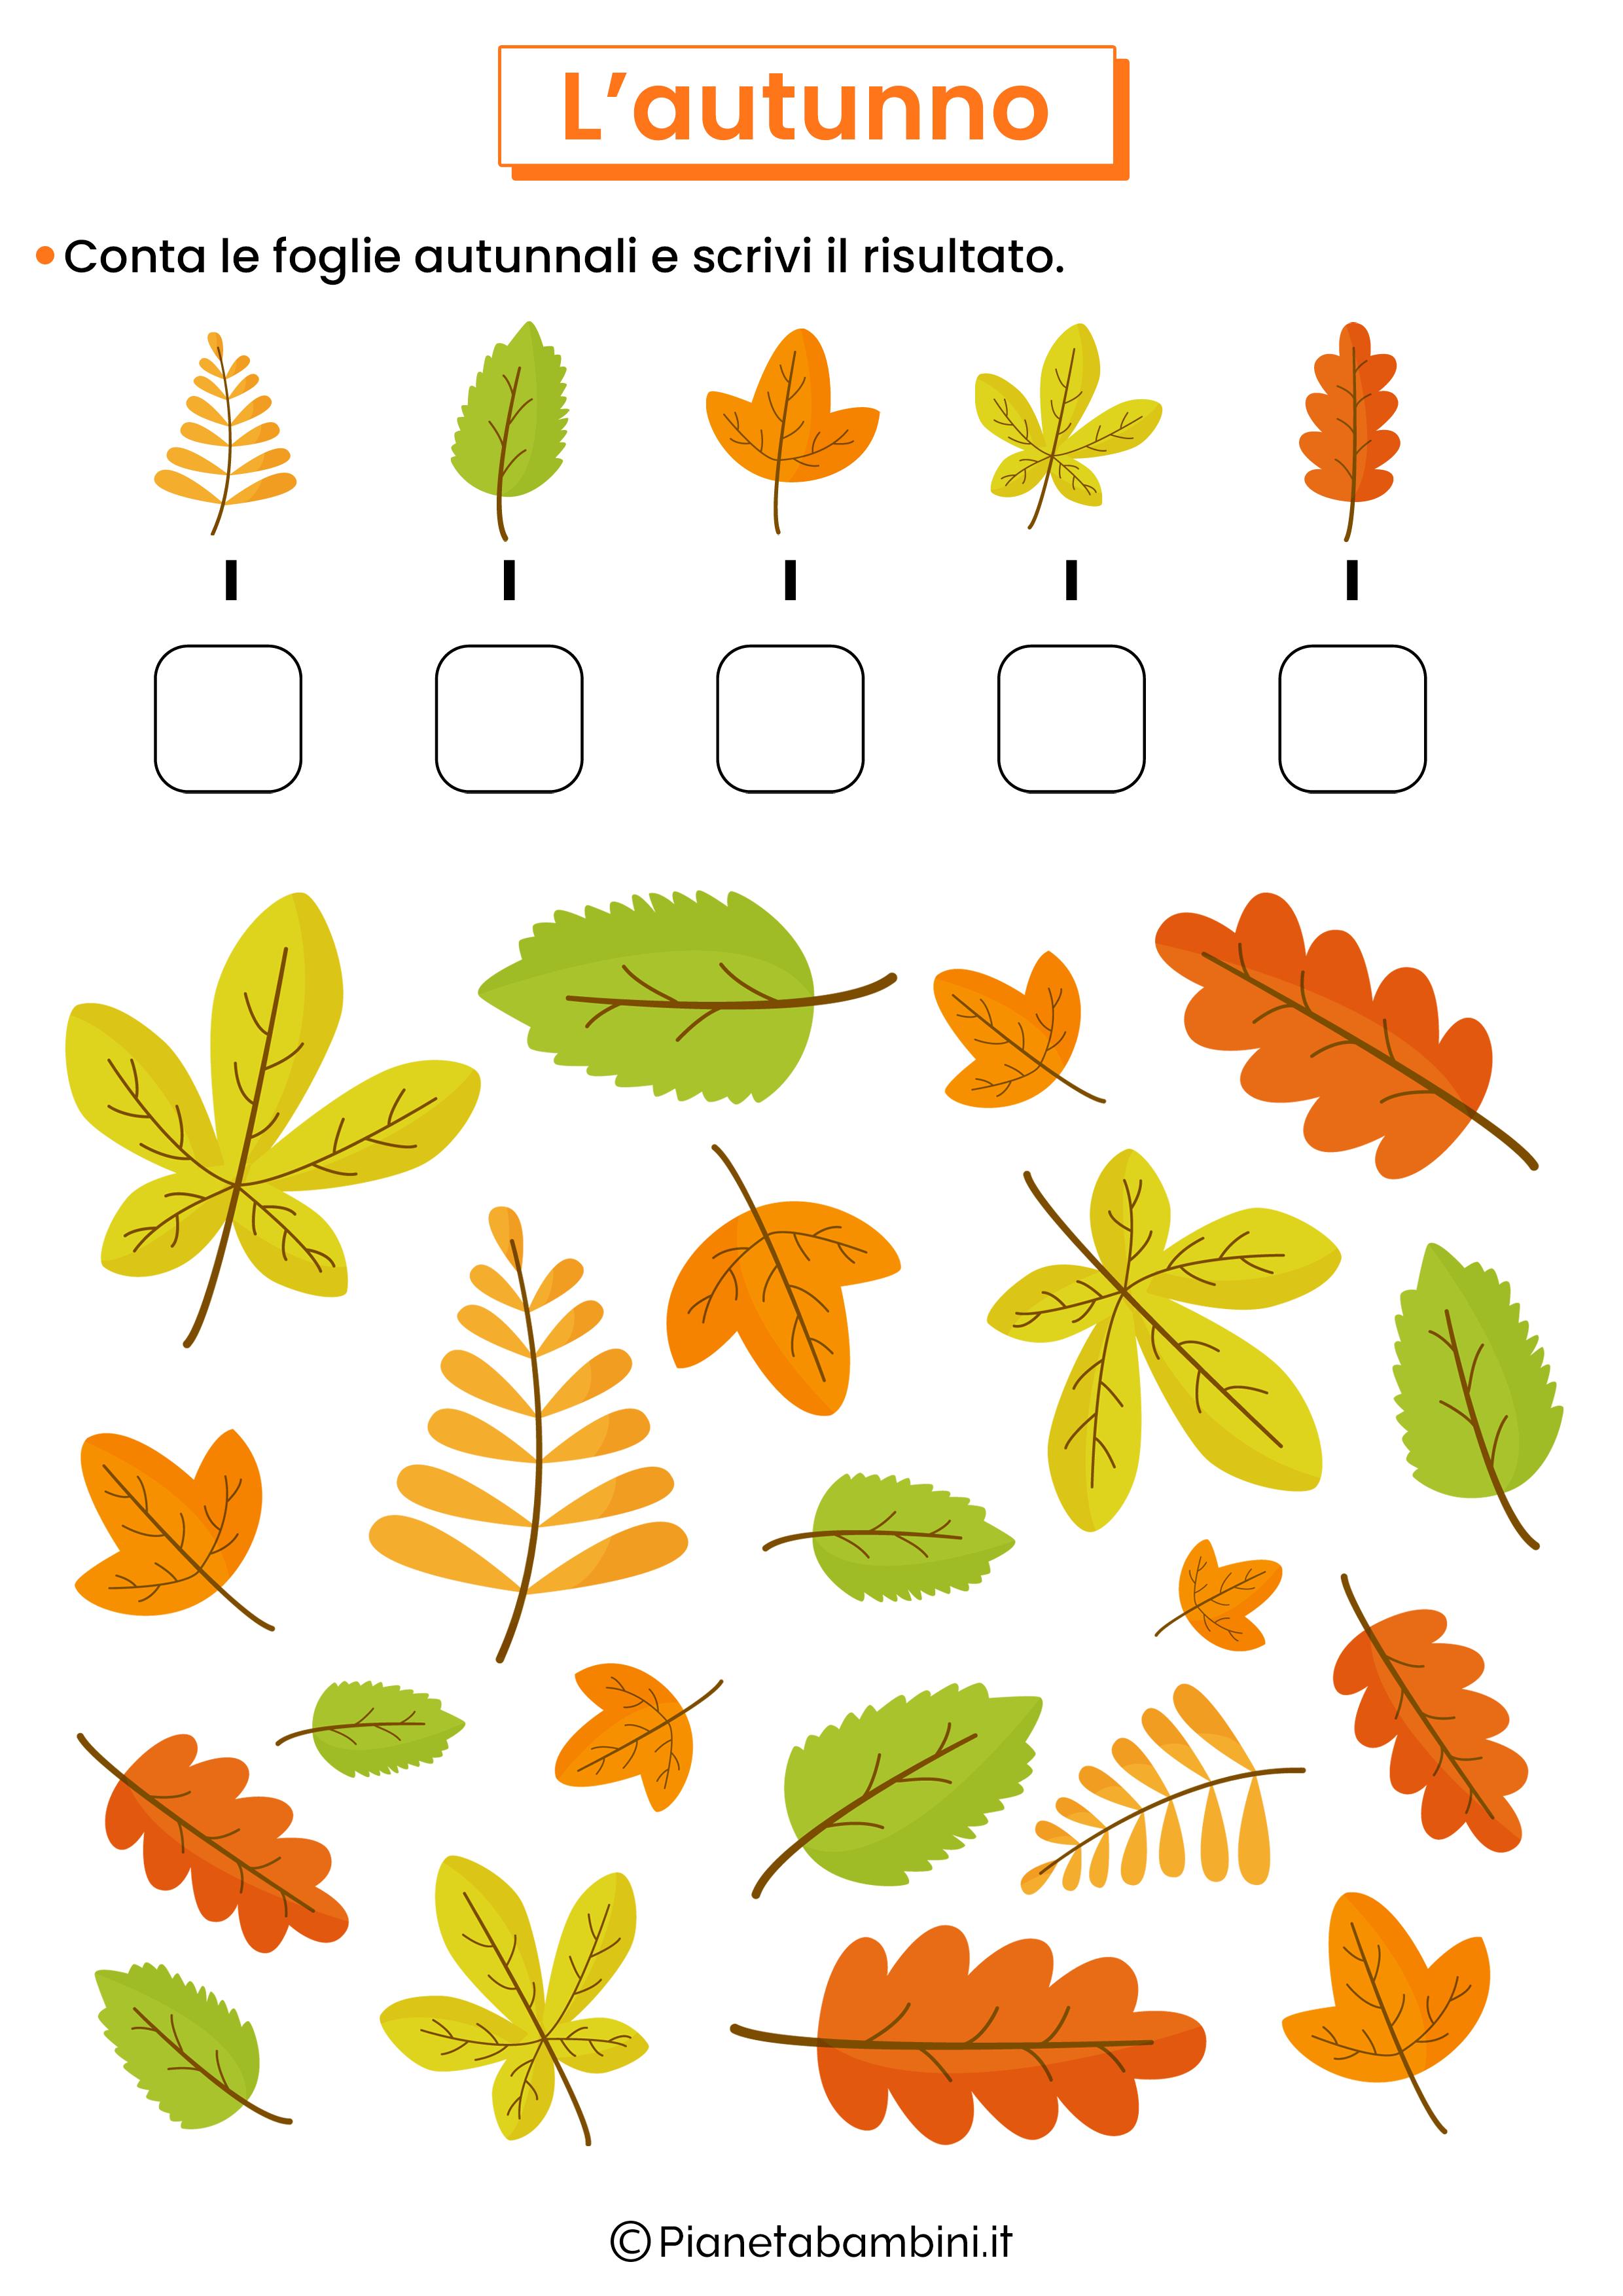 Schede didattiche sull'autunno per la scuola primaria 12